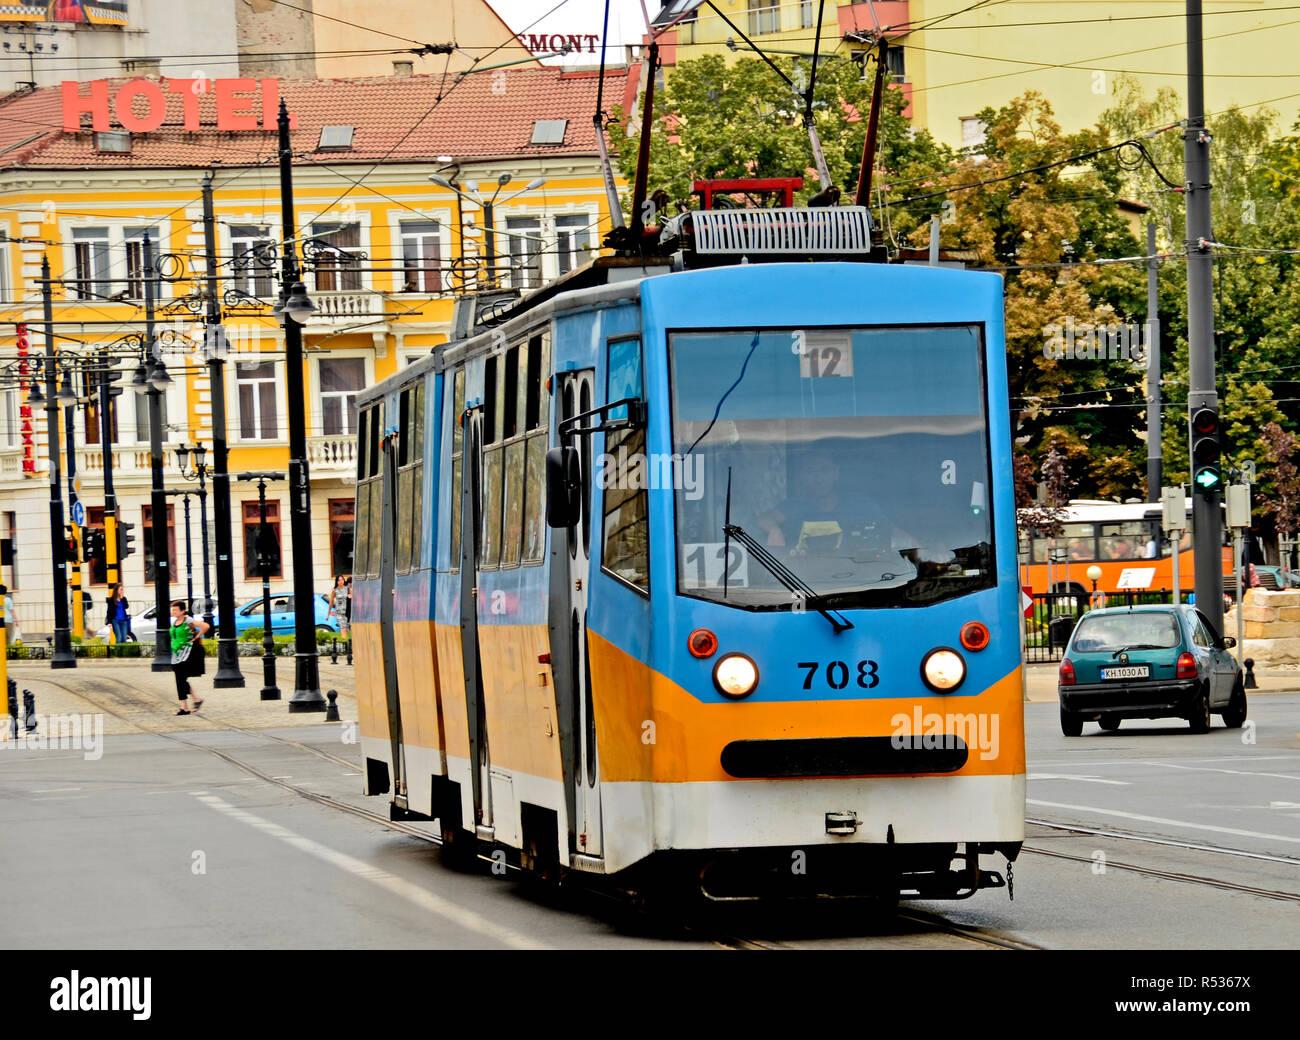 Tram in Sofia city centre, 2016 - Stock Image